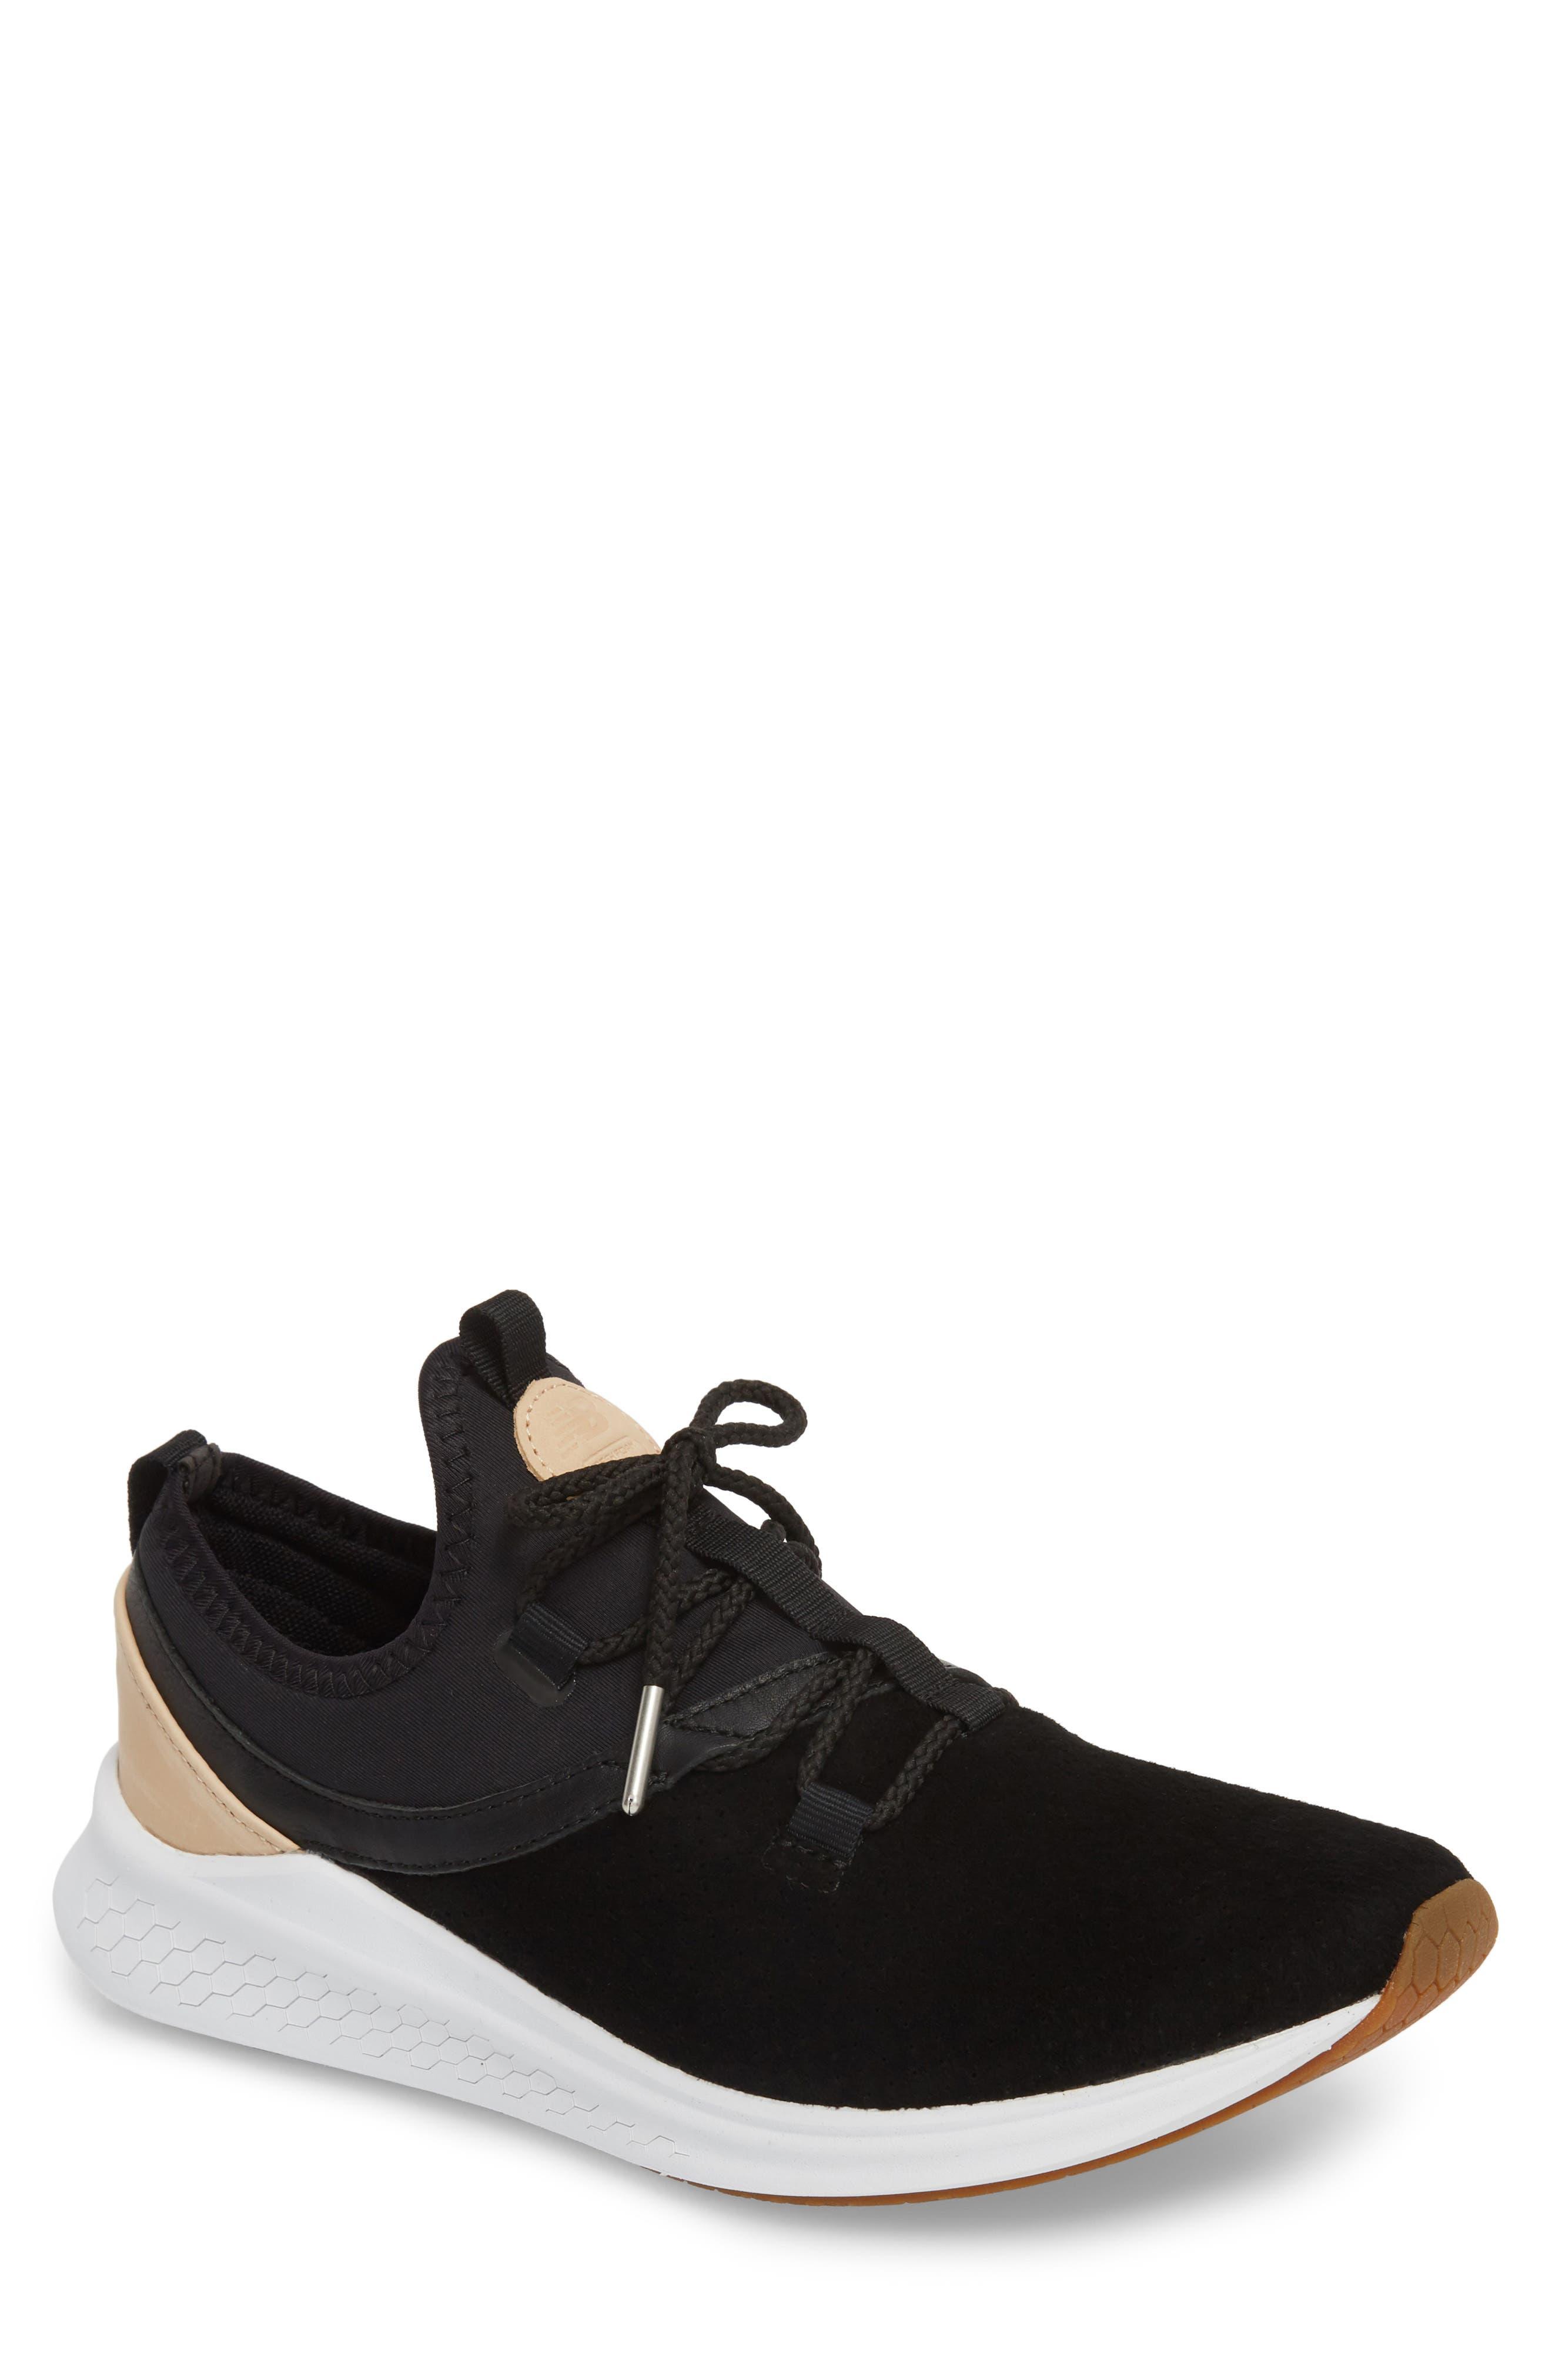 Fresh Foam Laser Luxe Sneaker,                         Main,                         color, 001